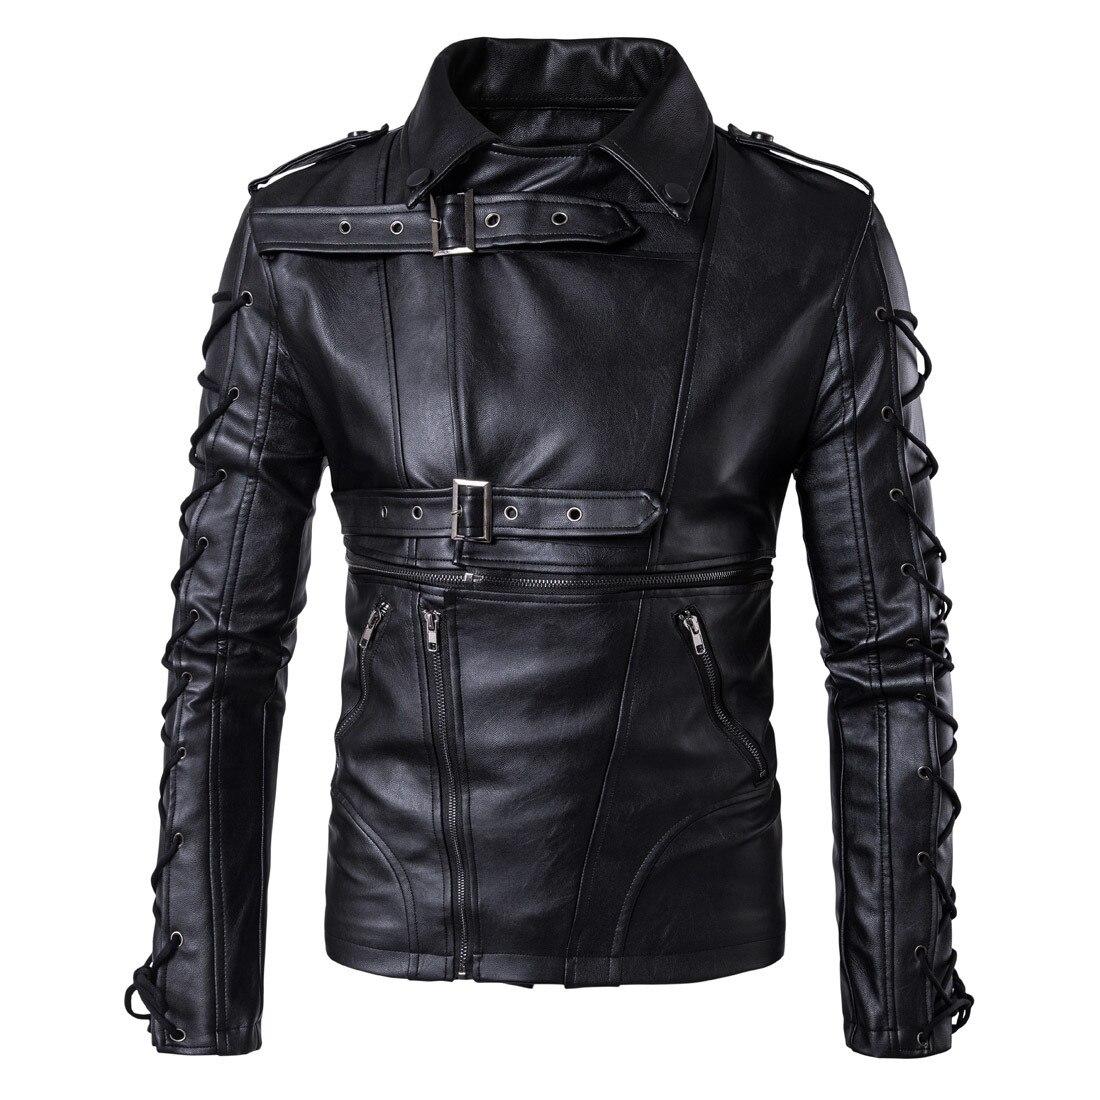 Ouma 2018 New Style Fashion Men Locomotive Leather Coat Decadent Leather Jacket Coat Large Size Leather Coat M-5XL B002